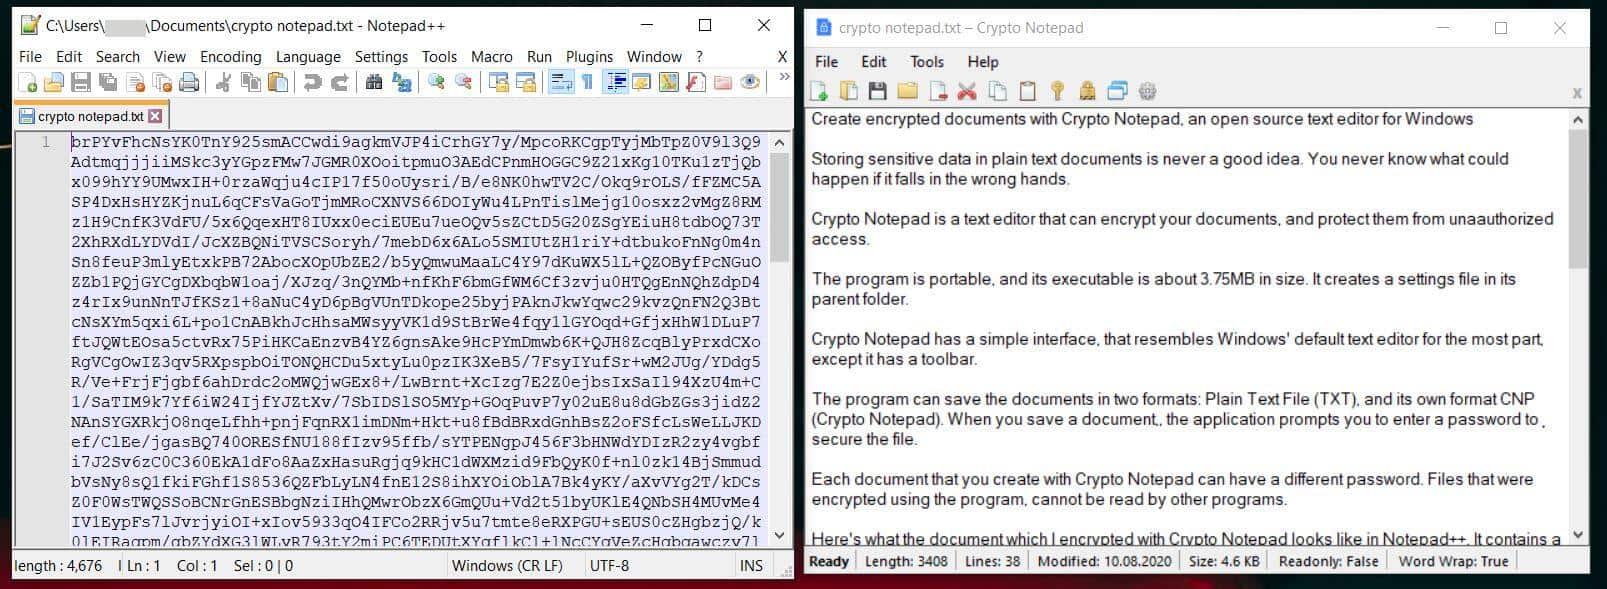 Crypto Notepad encrypted